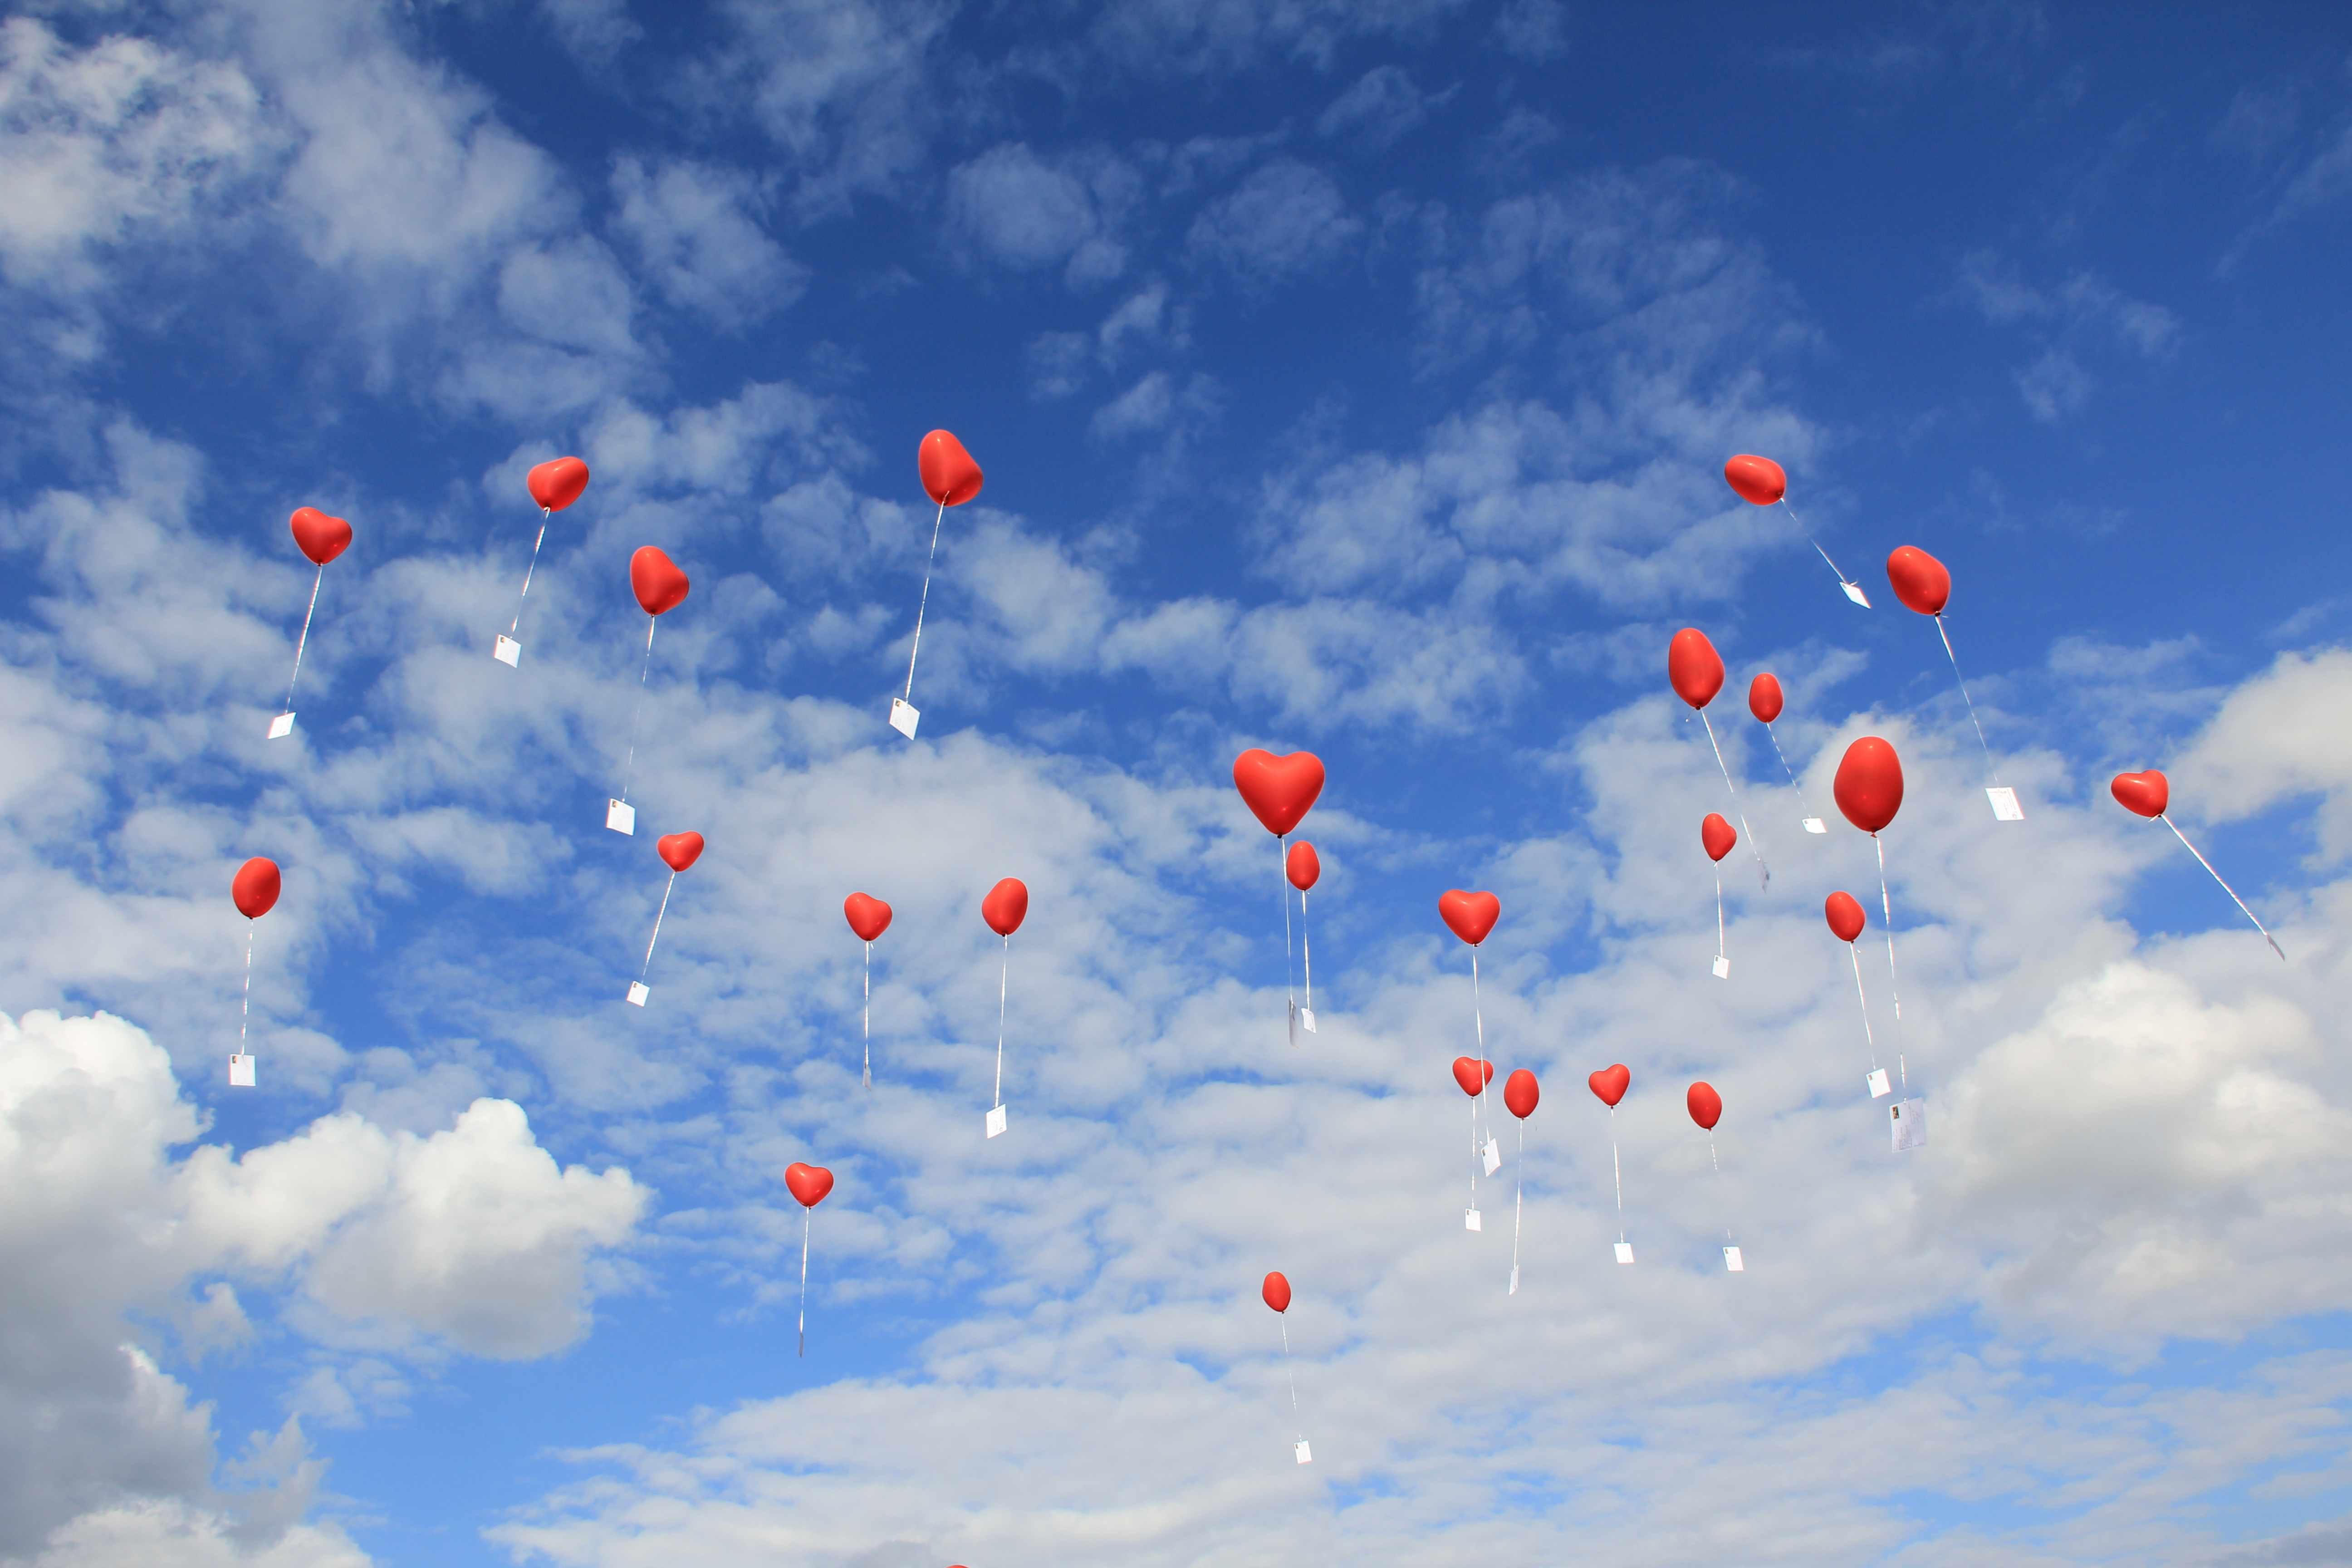 Hintergrundbilder Blau Hochzeit Karten Herz Ballon Himmel